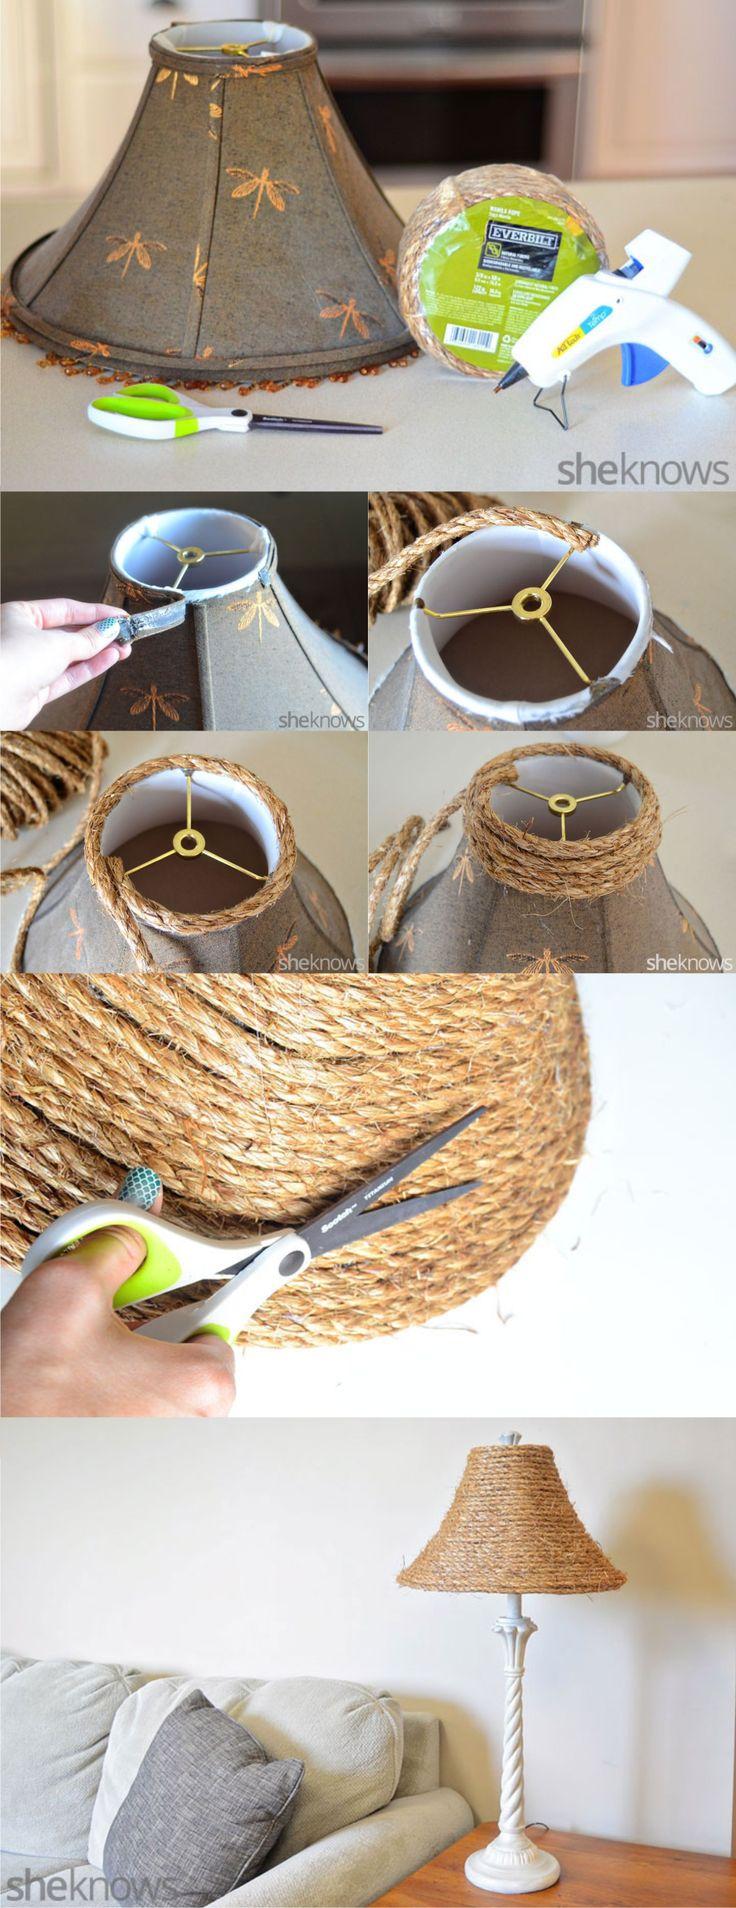 Sillas vintage el rinc 243 n di ree - Cambia La Imagen De Una L Mpara Antigua Con Cuerda